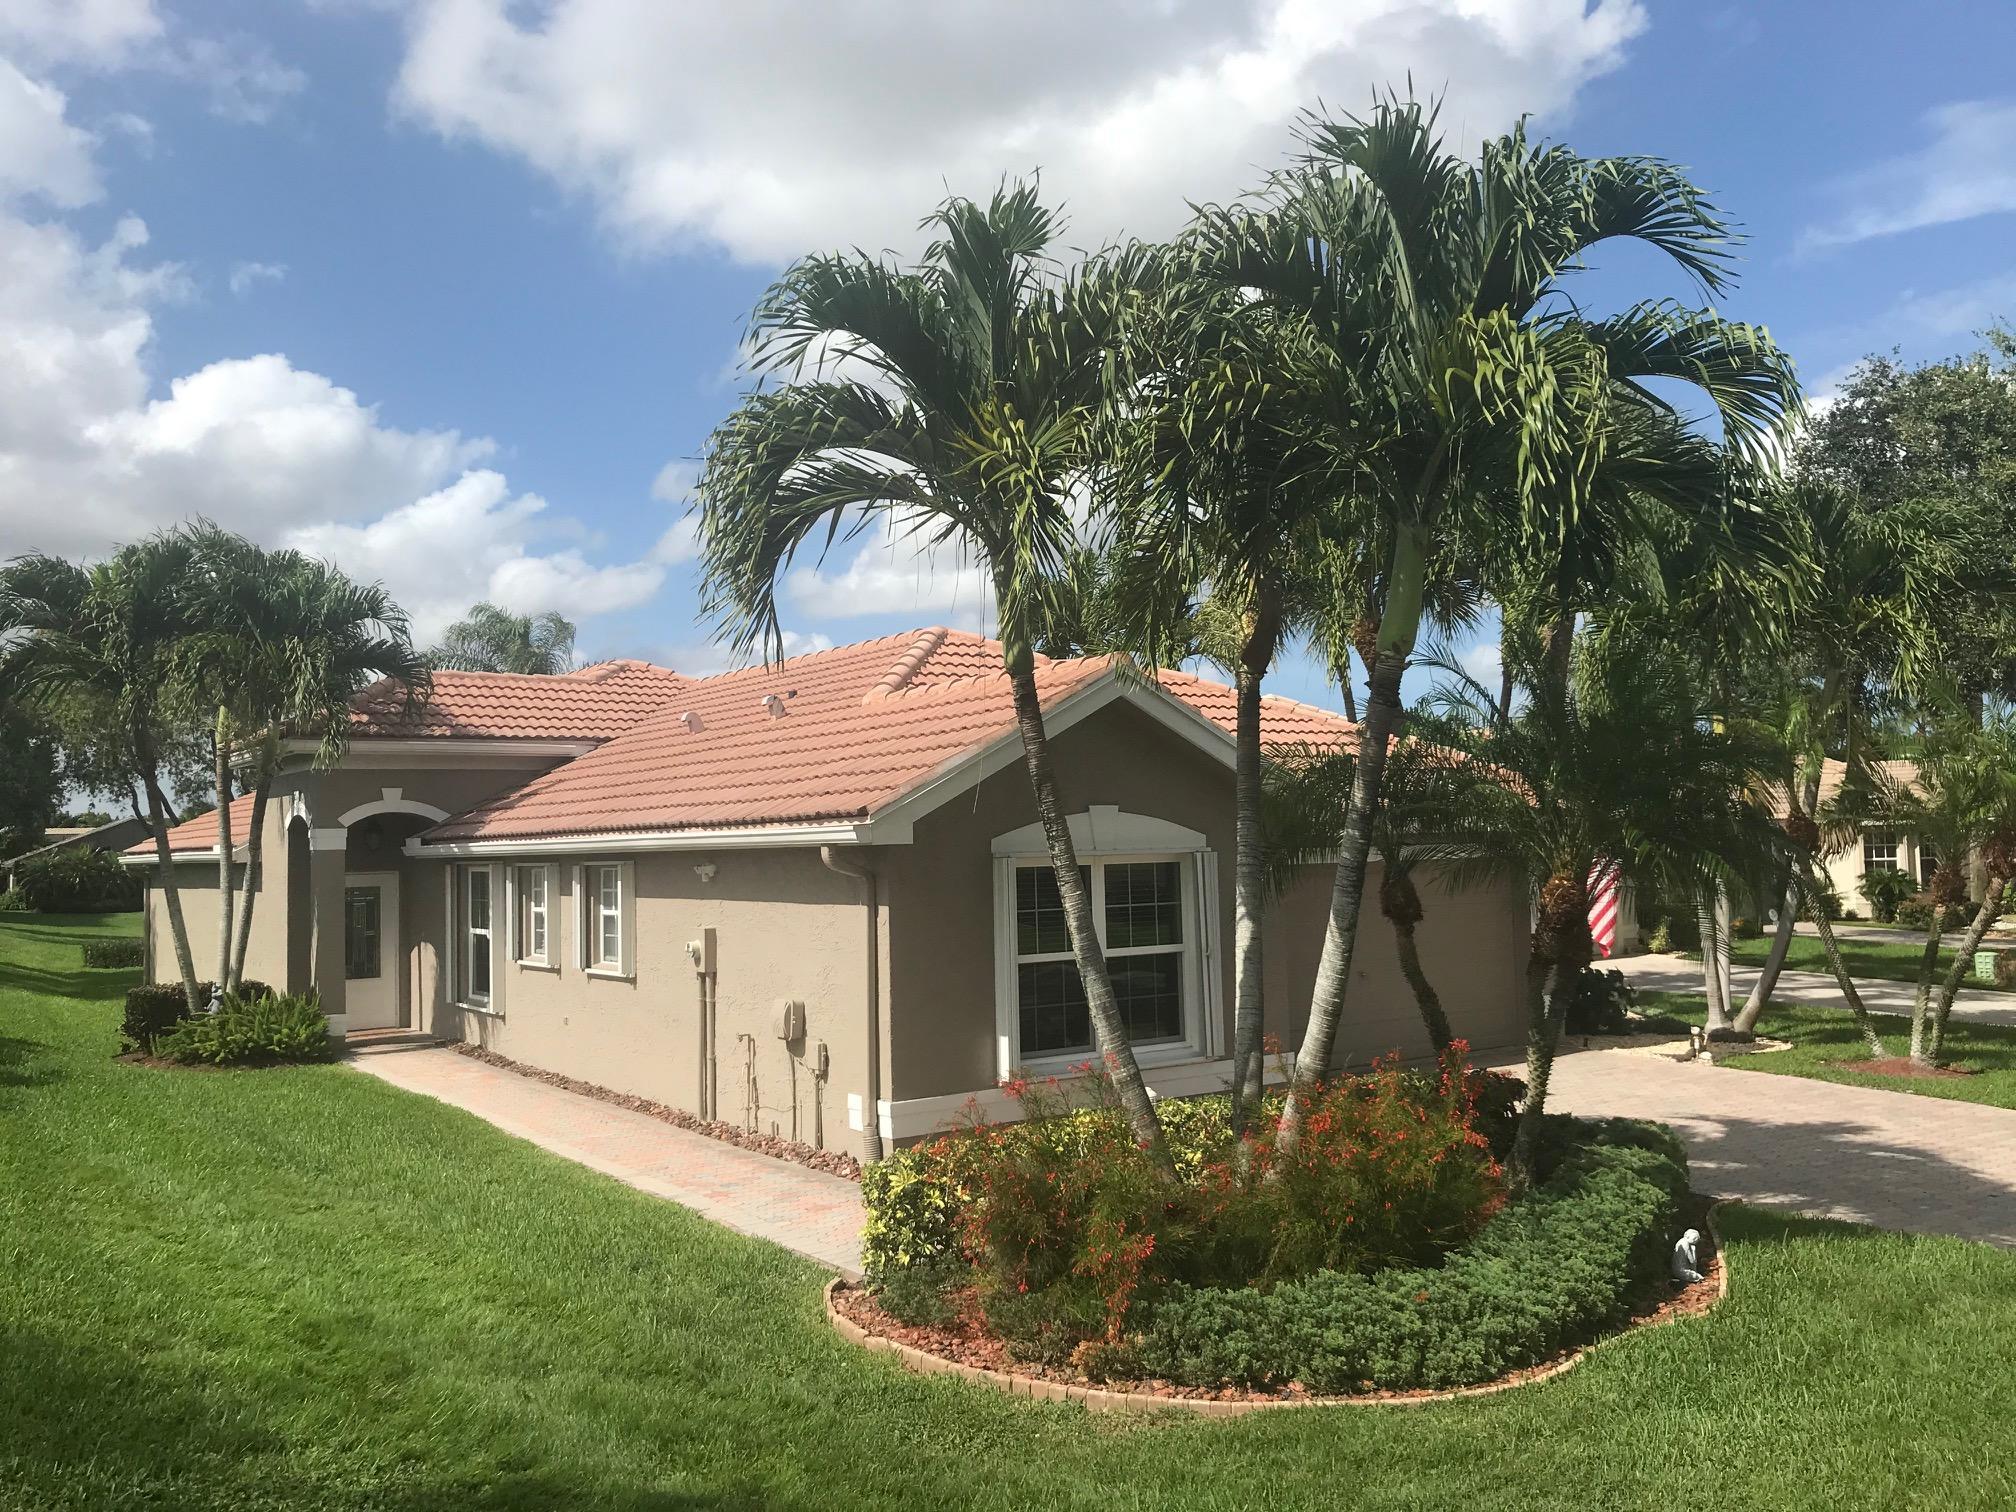 7428 W Mercada Way  For Sale 10716591, FL